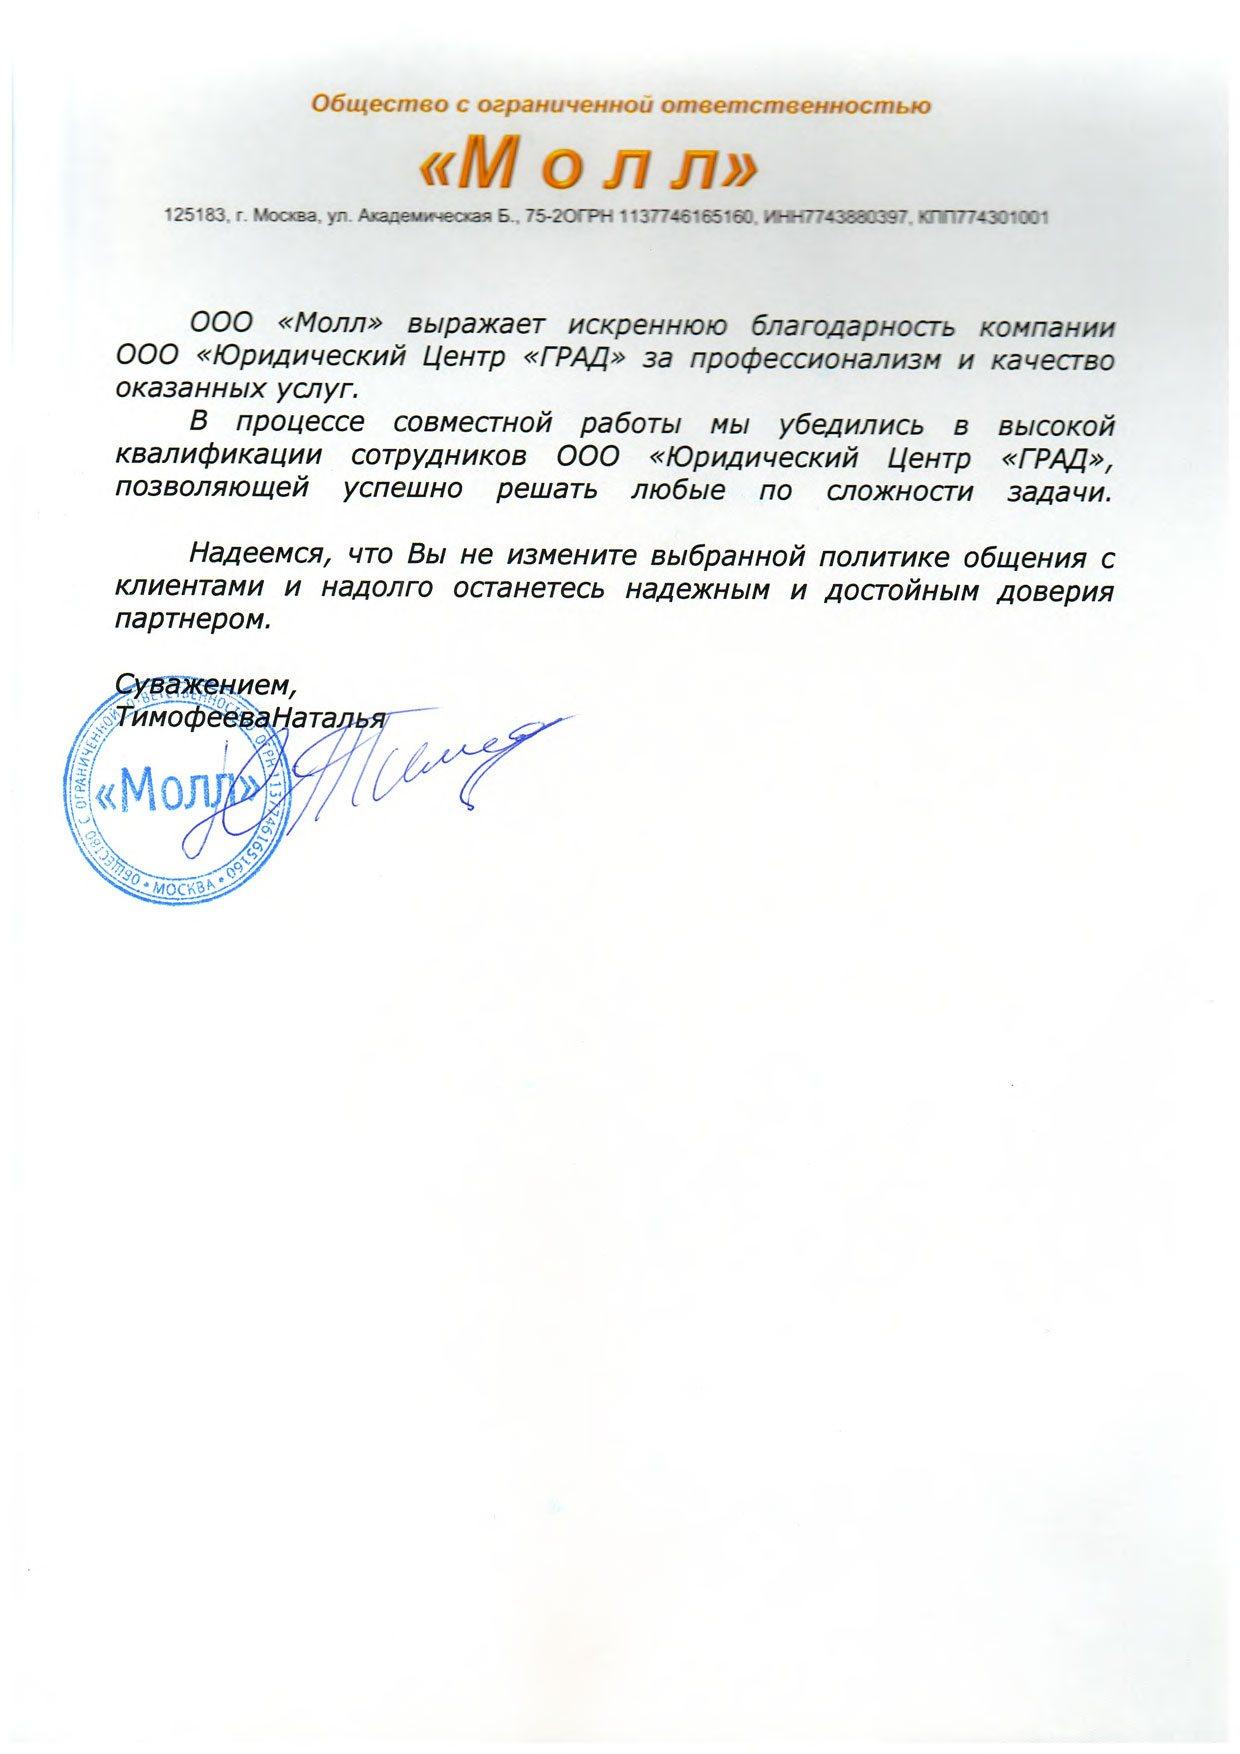 Ооо финансово - строительная компания мо дорожно-строительные организации республики чувашия